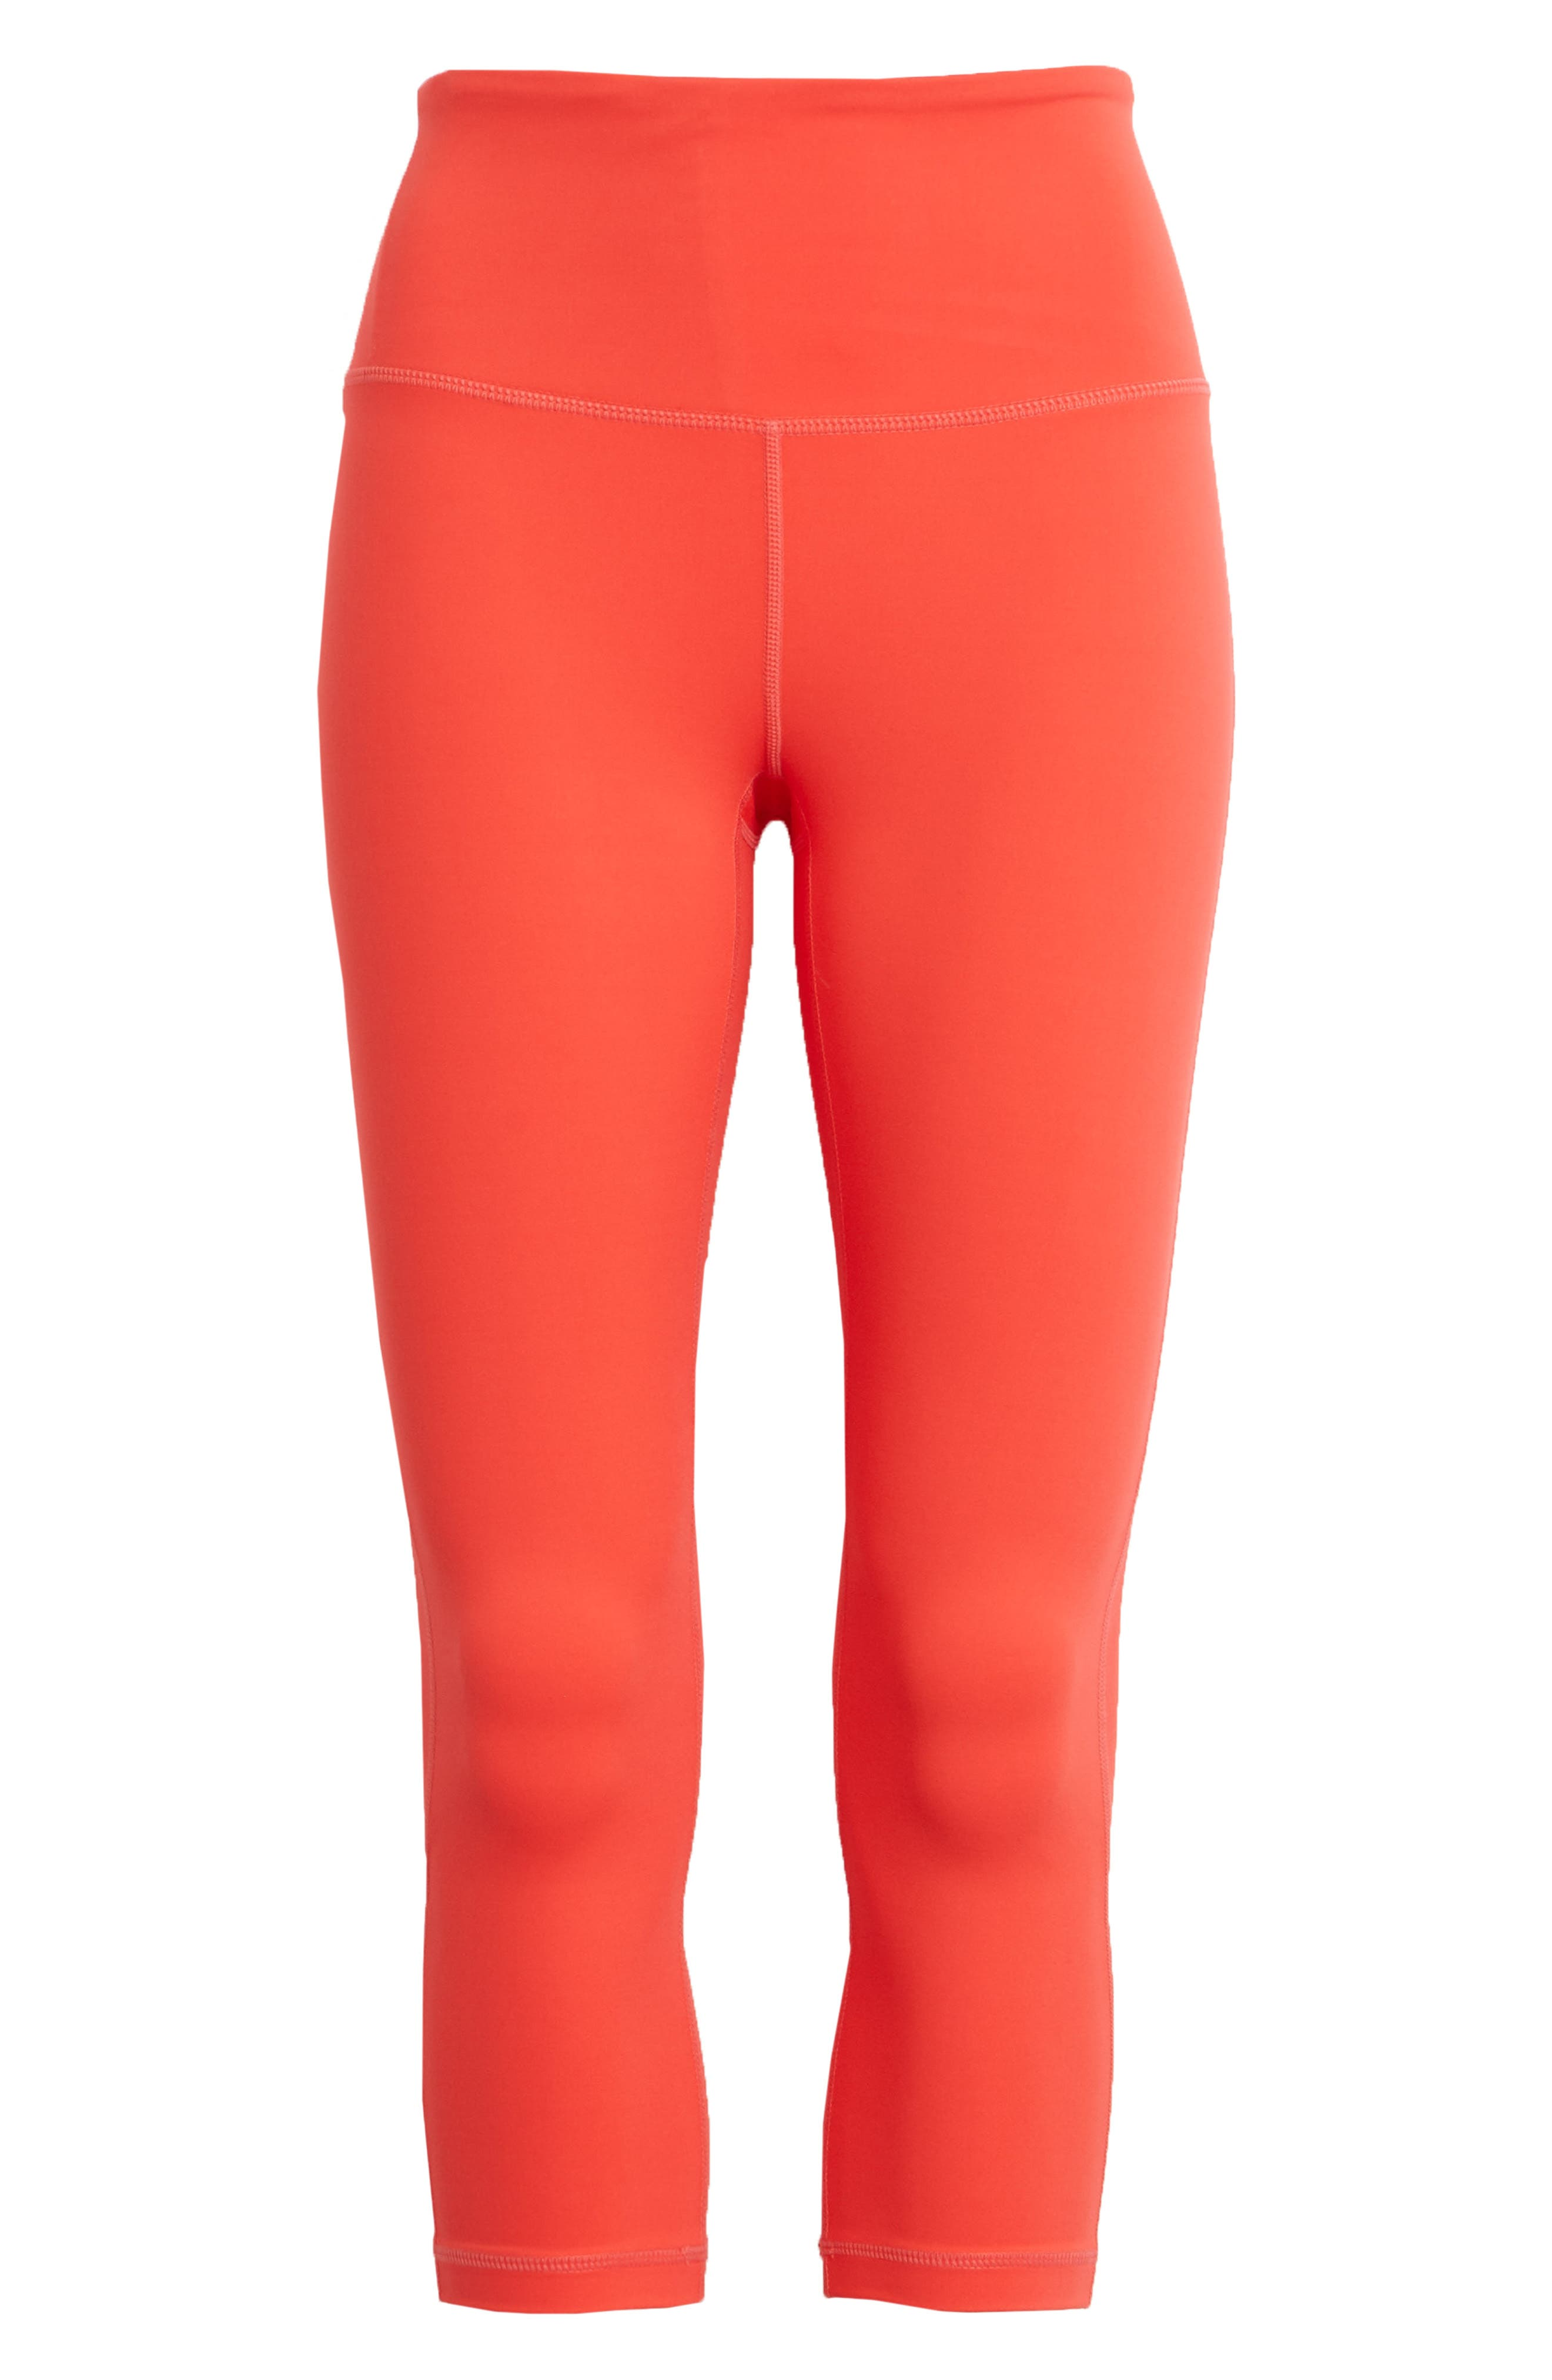 Women's Zella Studio Lite High Waist Crop Leggings